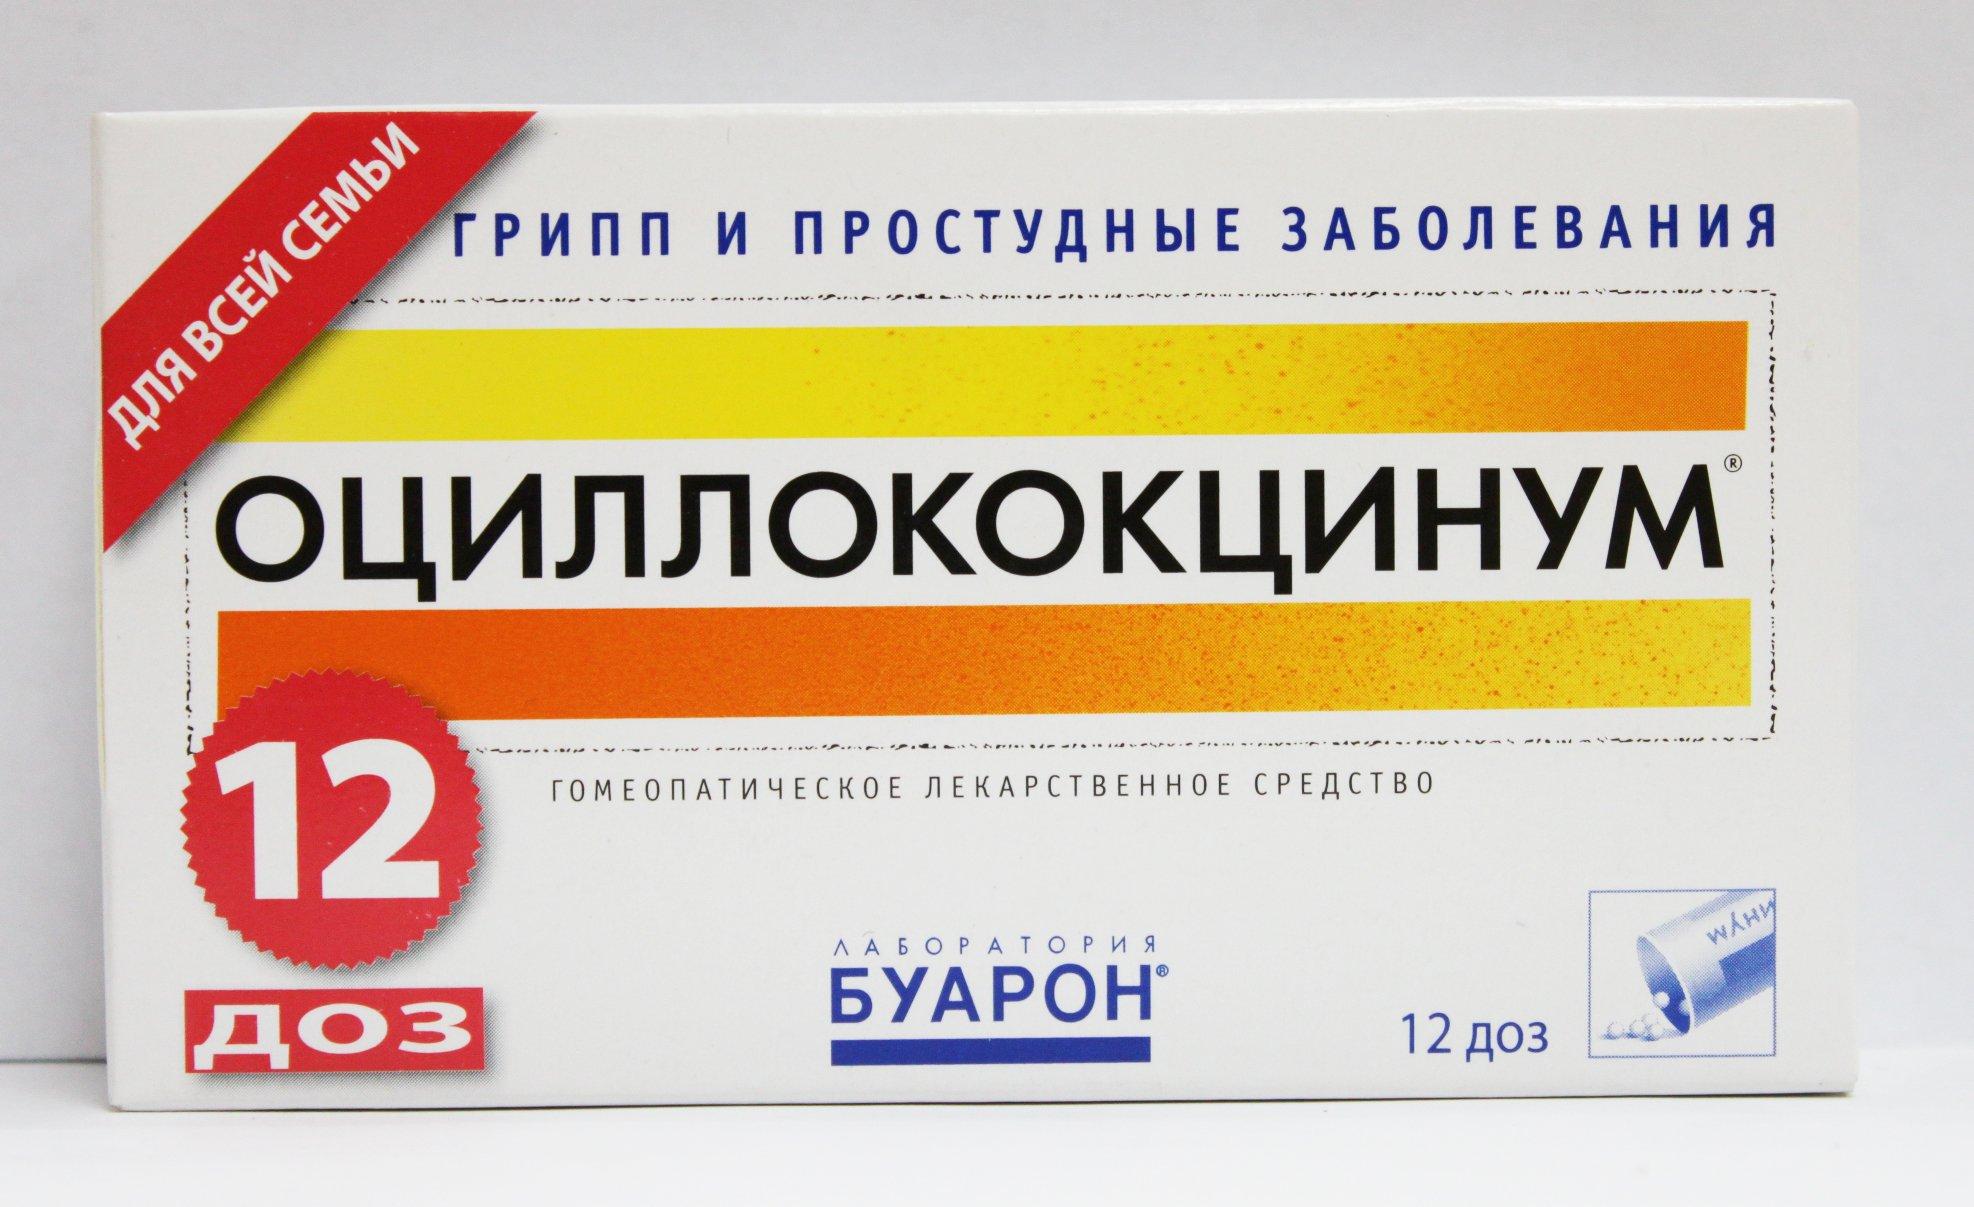 Кагоцел: инструкция по применению, аналоги и отзывы, цены в аптеках россии